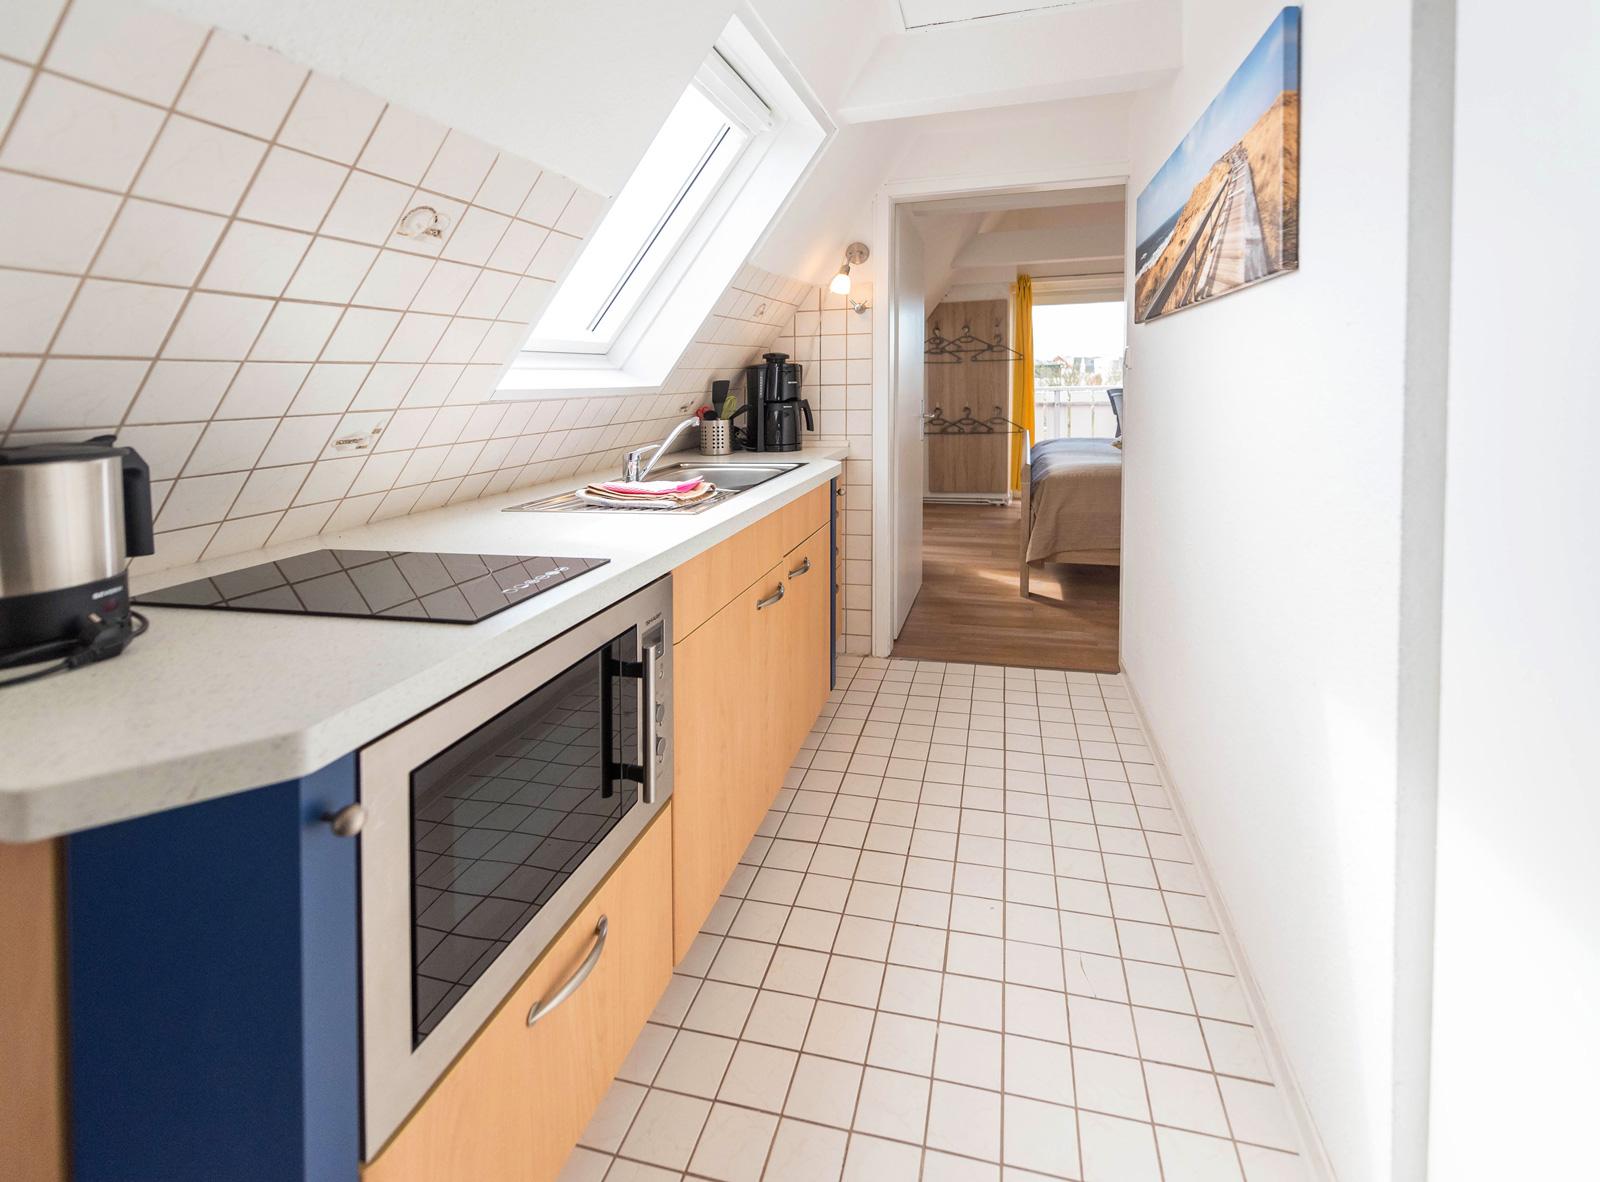 Groß Küche Und Bad Studios Bethesda Fotos - Ideen Für Die Küche ...